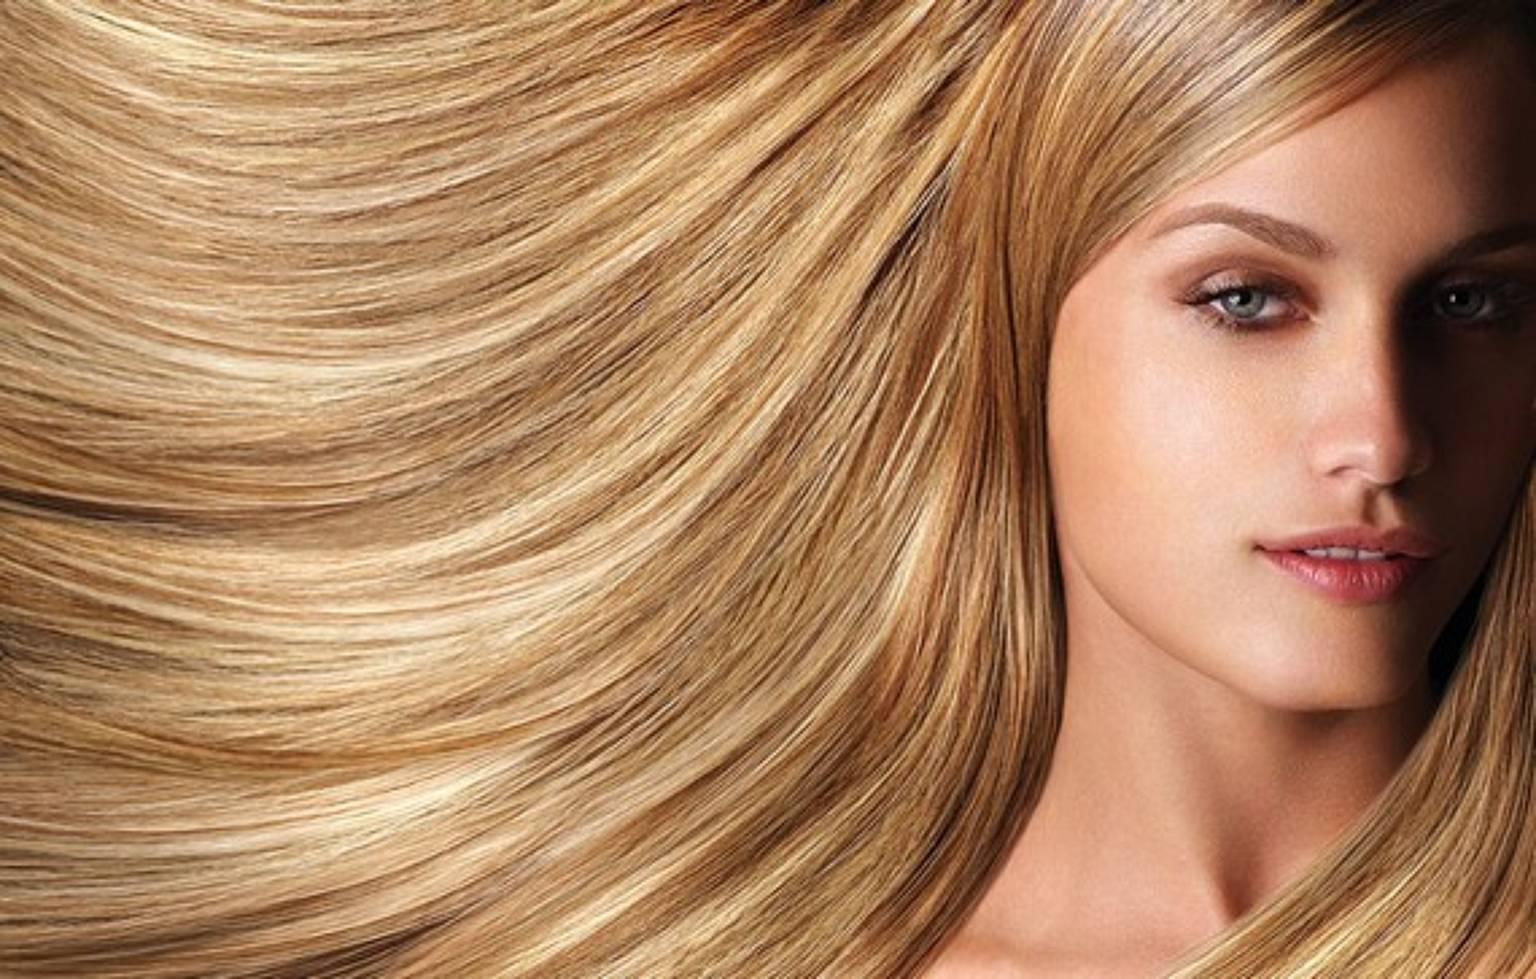 Фото блондинок с красивыми волосами 7 фотография